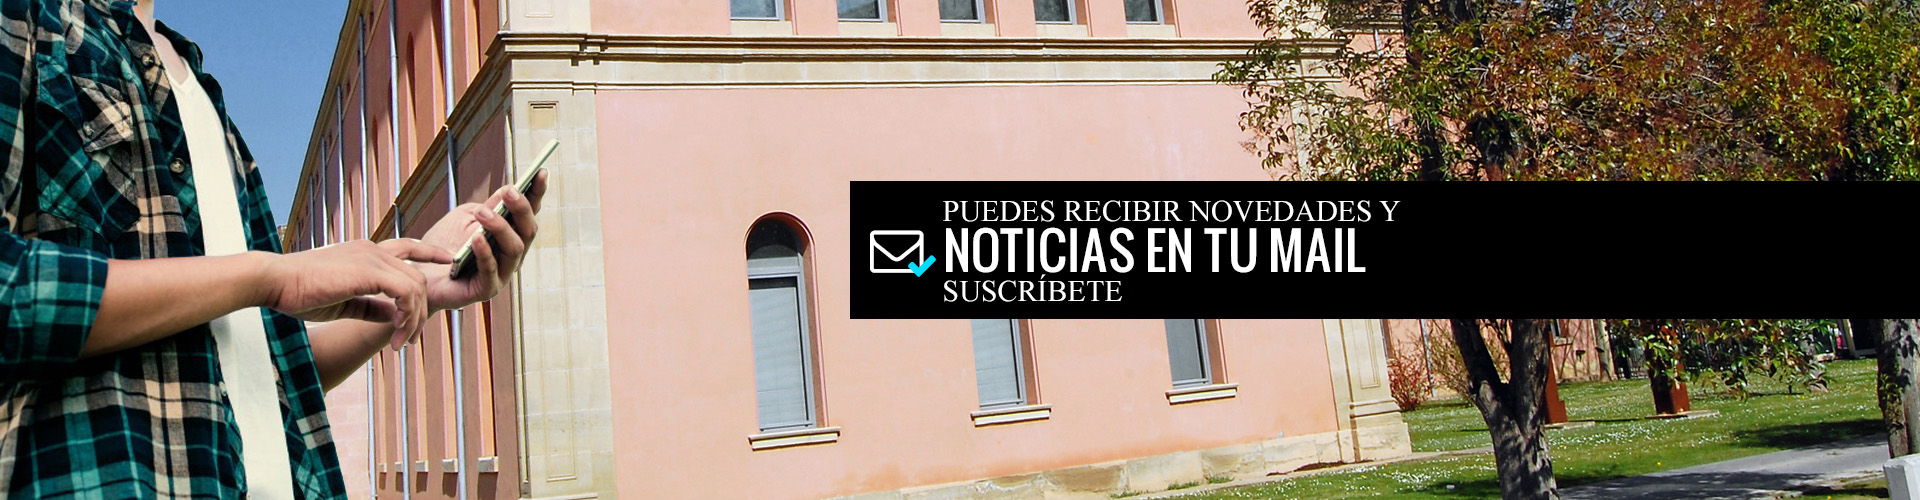 heading-noticias-cuadros